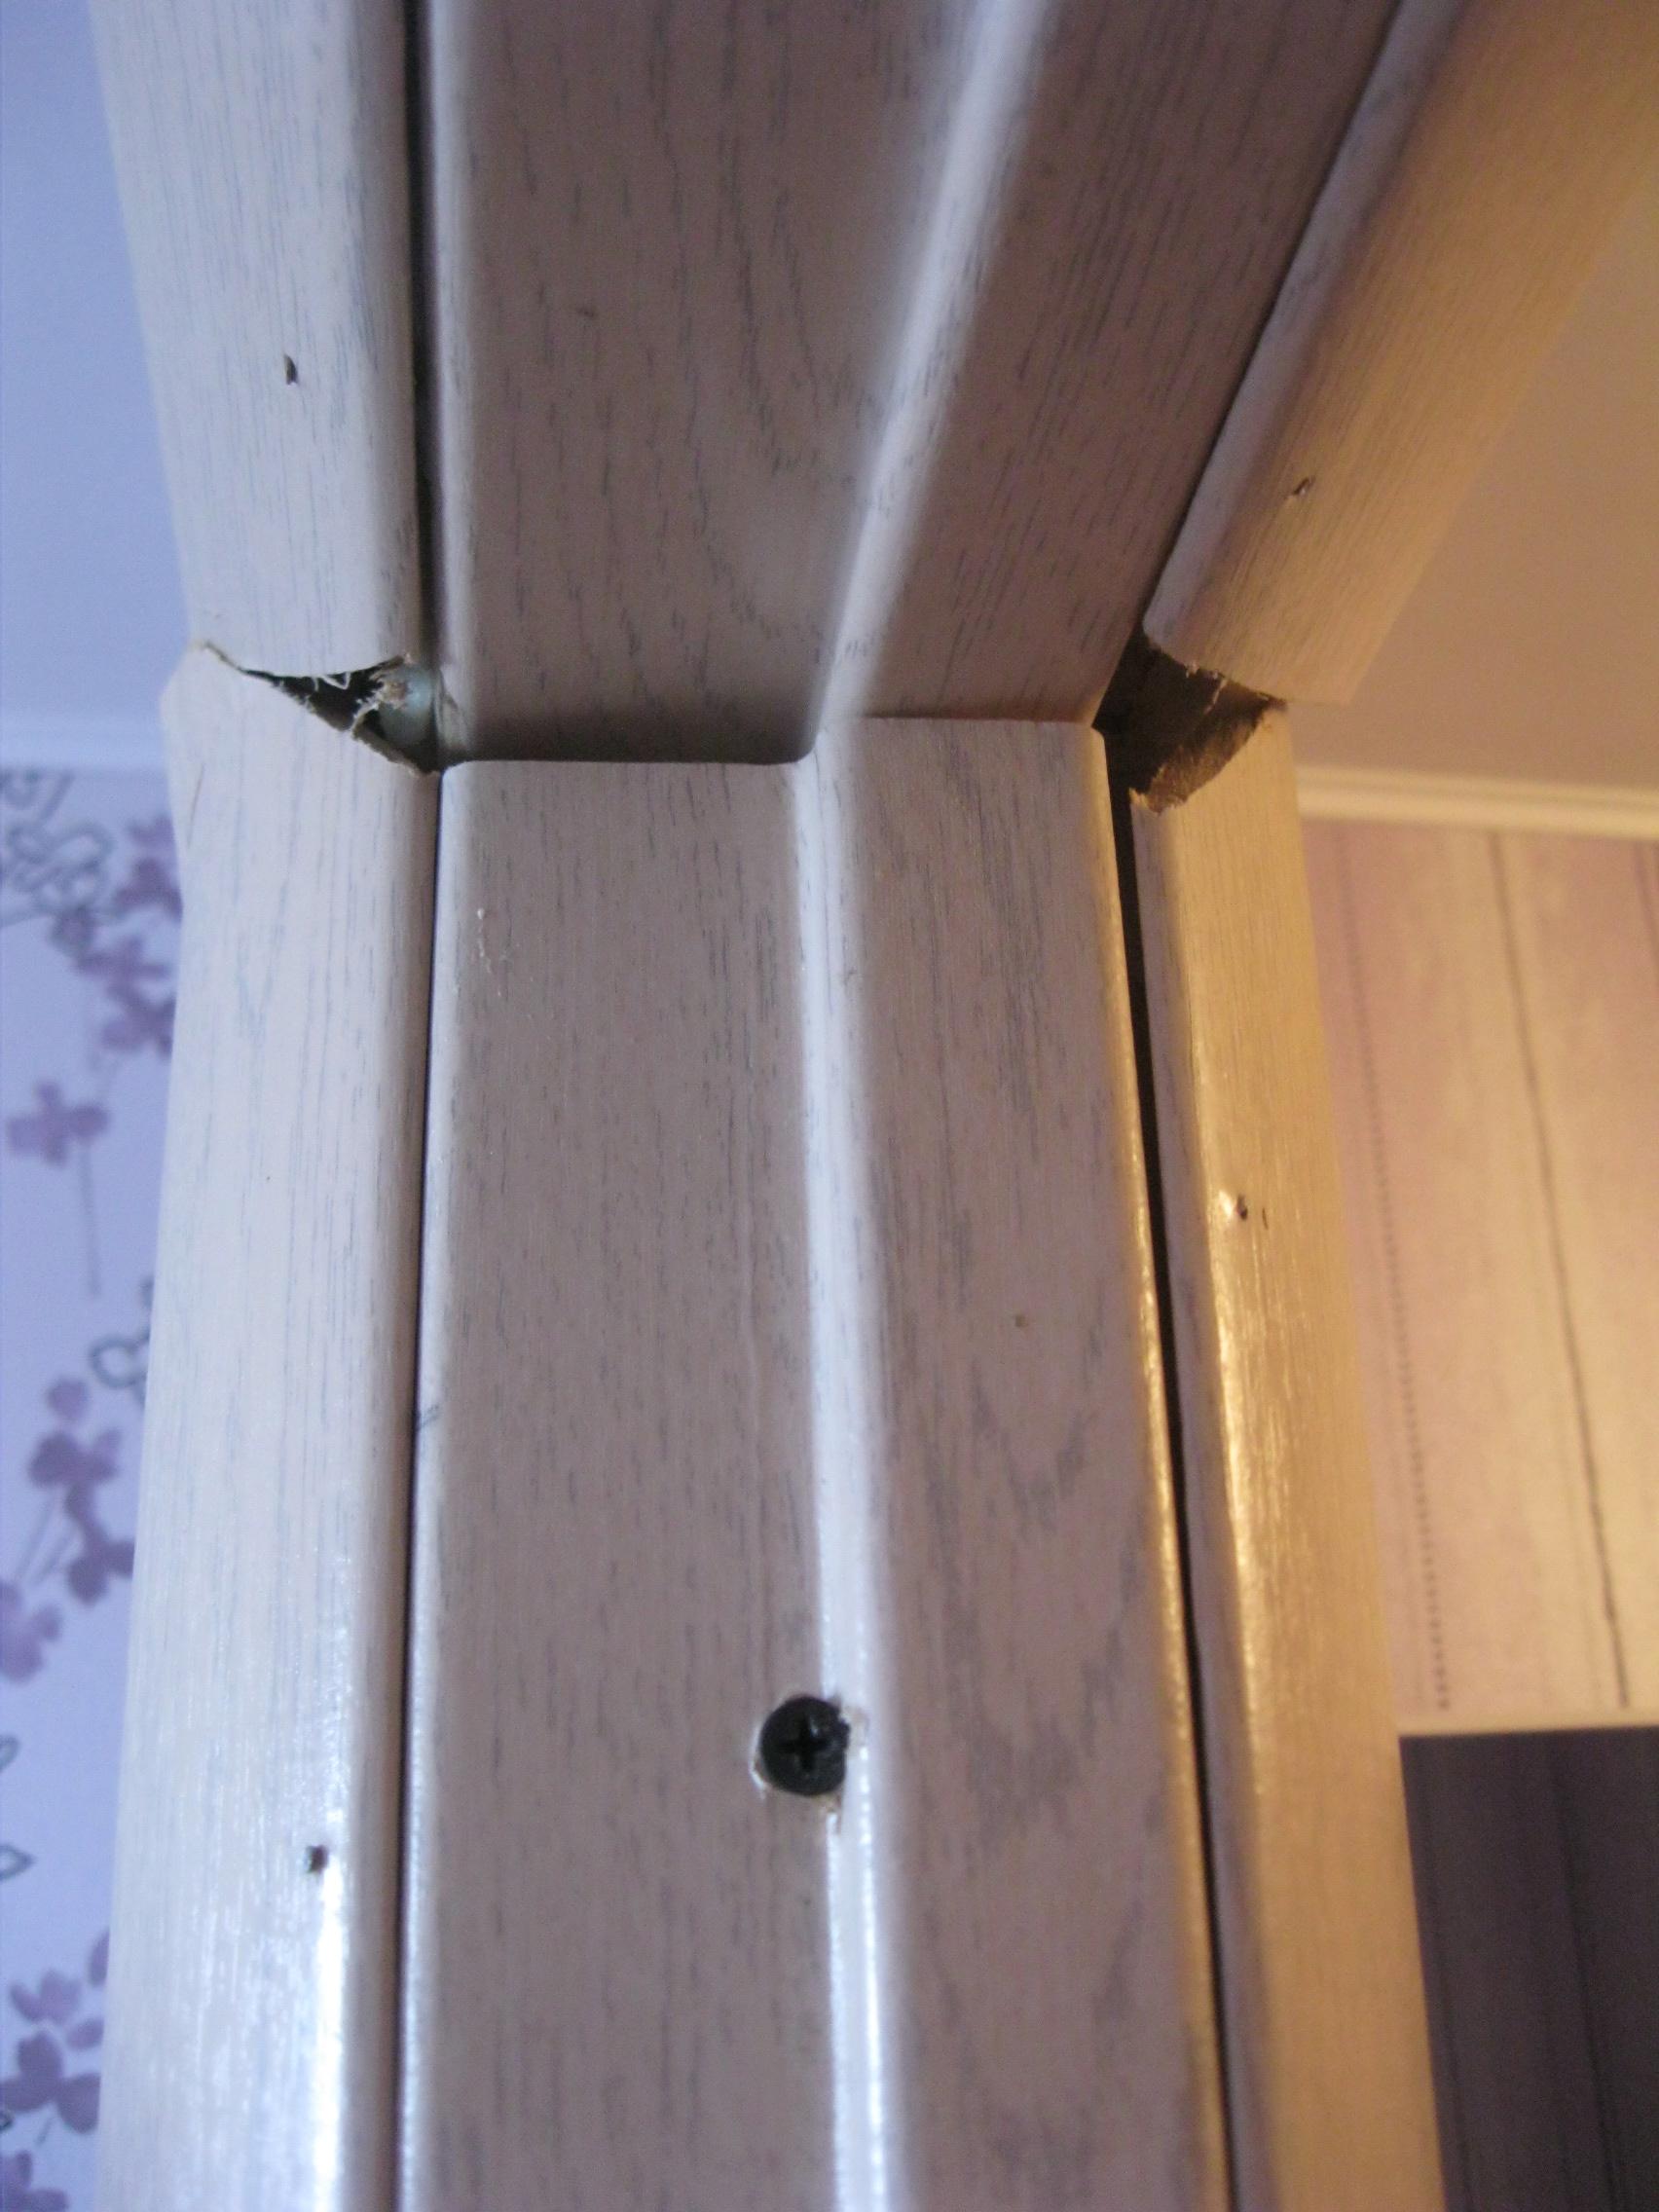 Стык коробочного бруса и наличников, выполненный непрофессионалом. Установка дверей во Владимире.